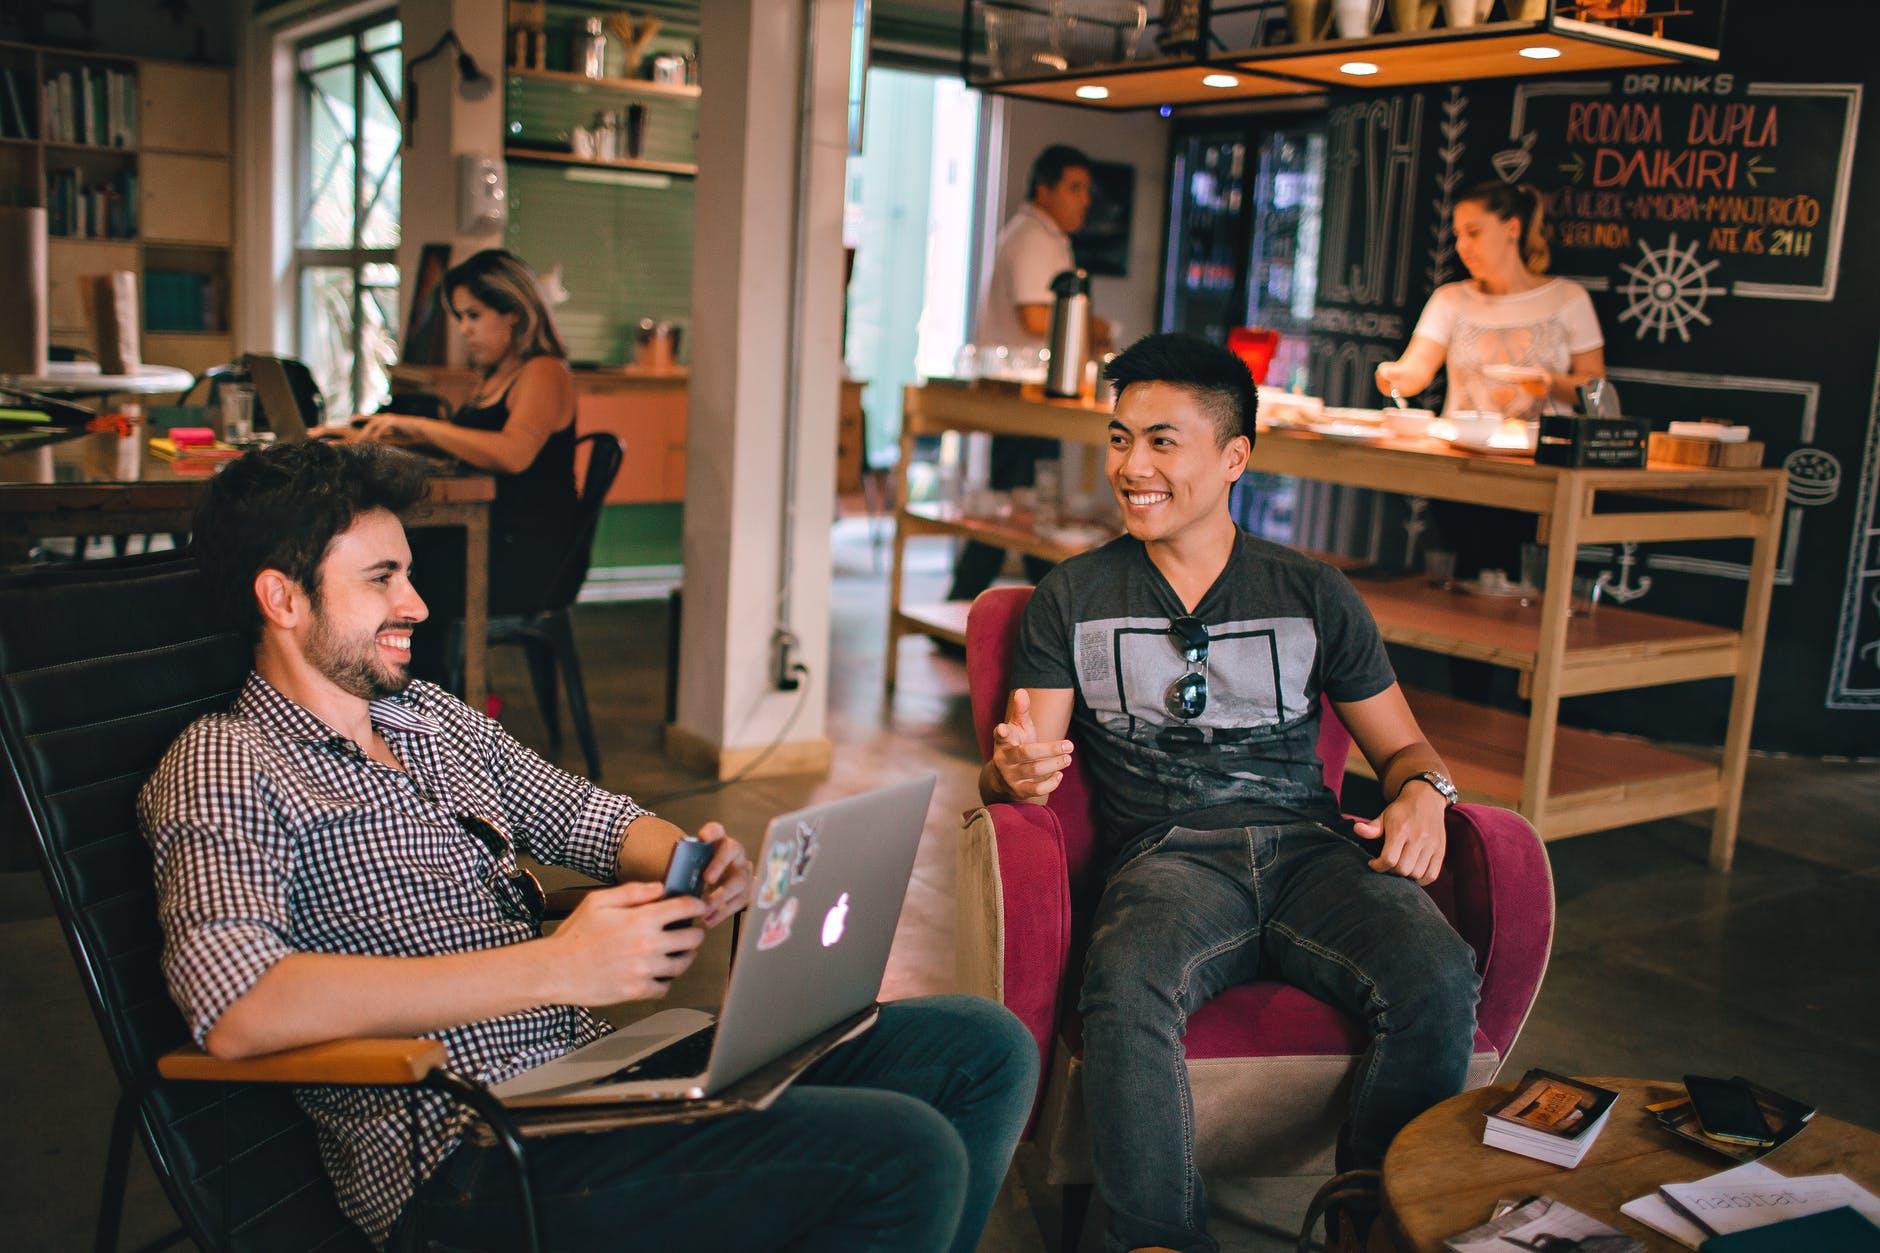 Artikel Motivasi Beri Pencerahan untuk Hadapi Tantangan Bisnis